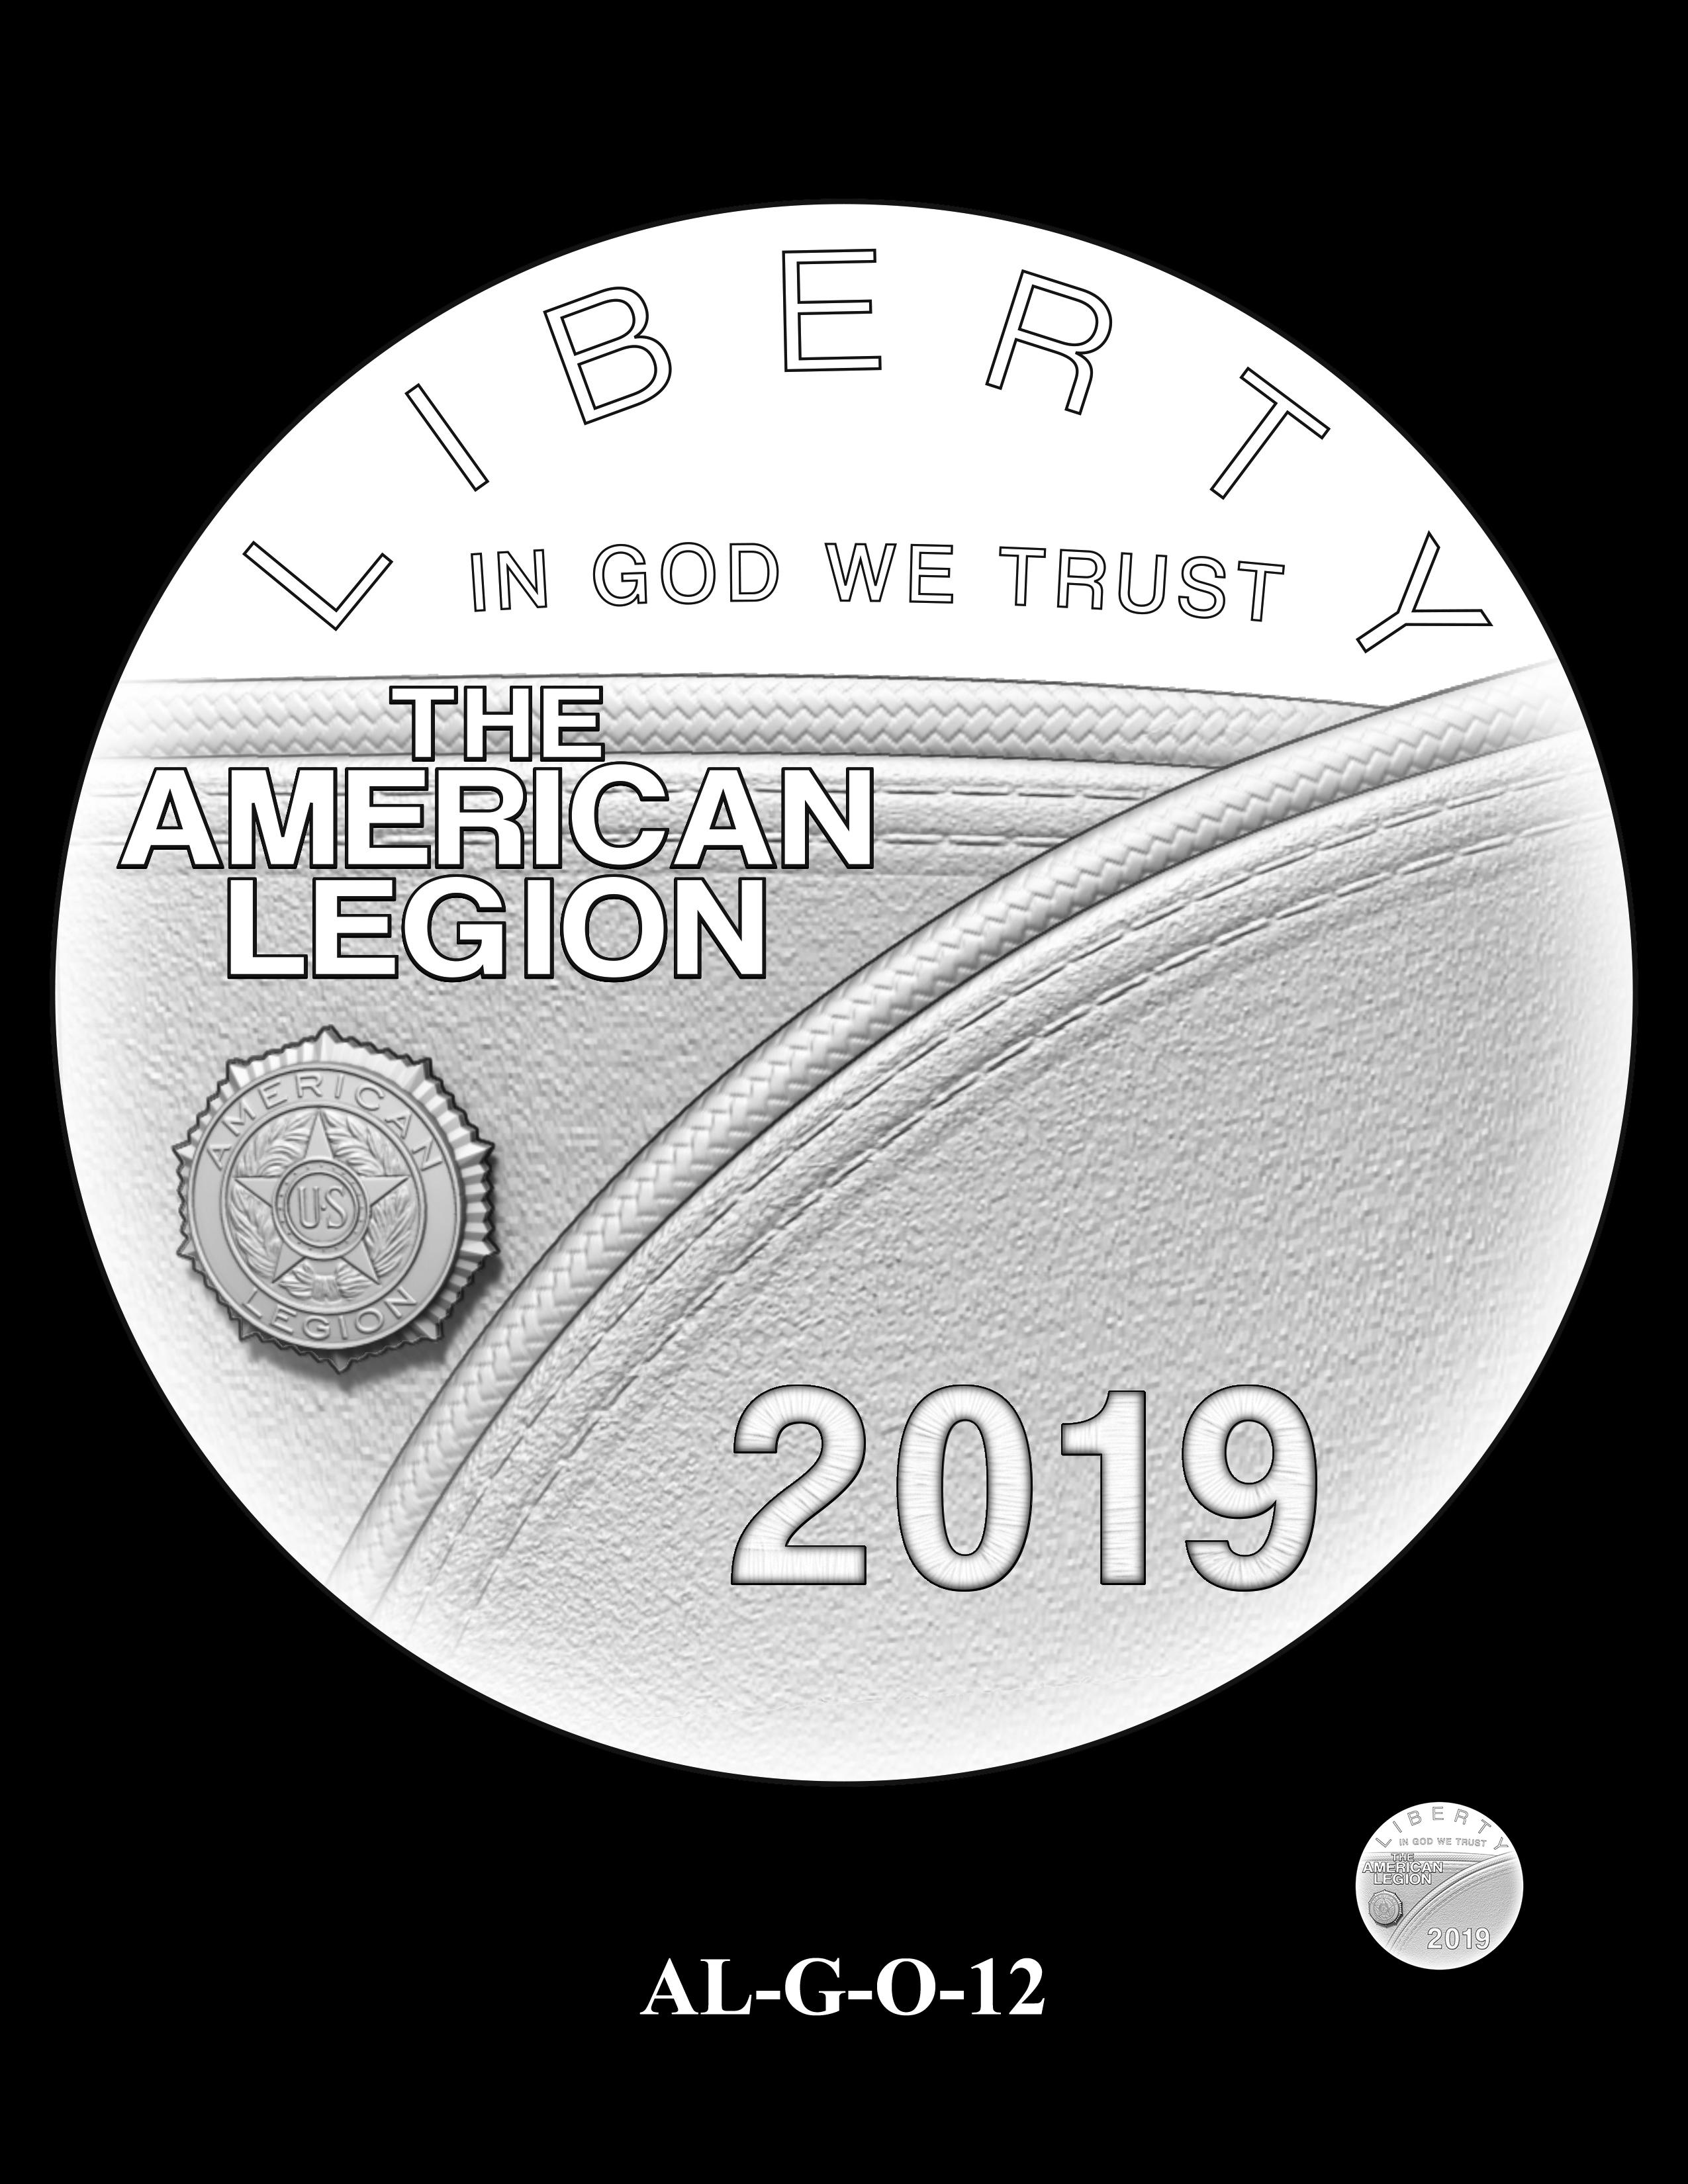 AL-G-O-12 -- 2019 American Legion 100th Anniversary Commemorative Coin Program - Gold Obverse